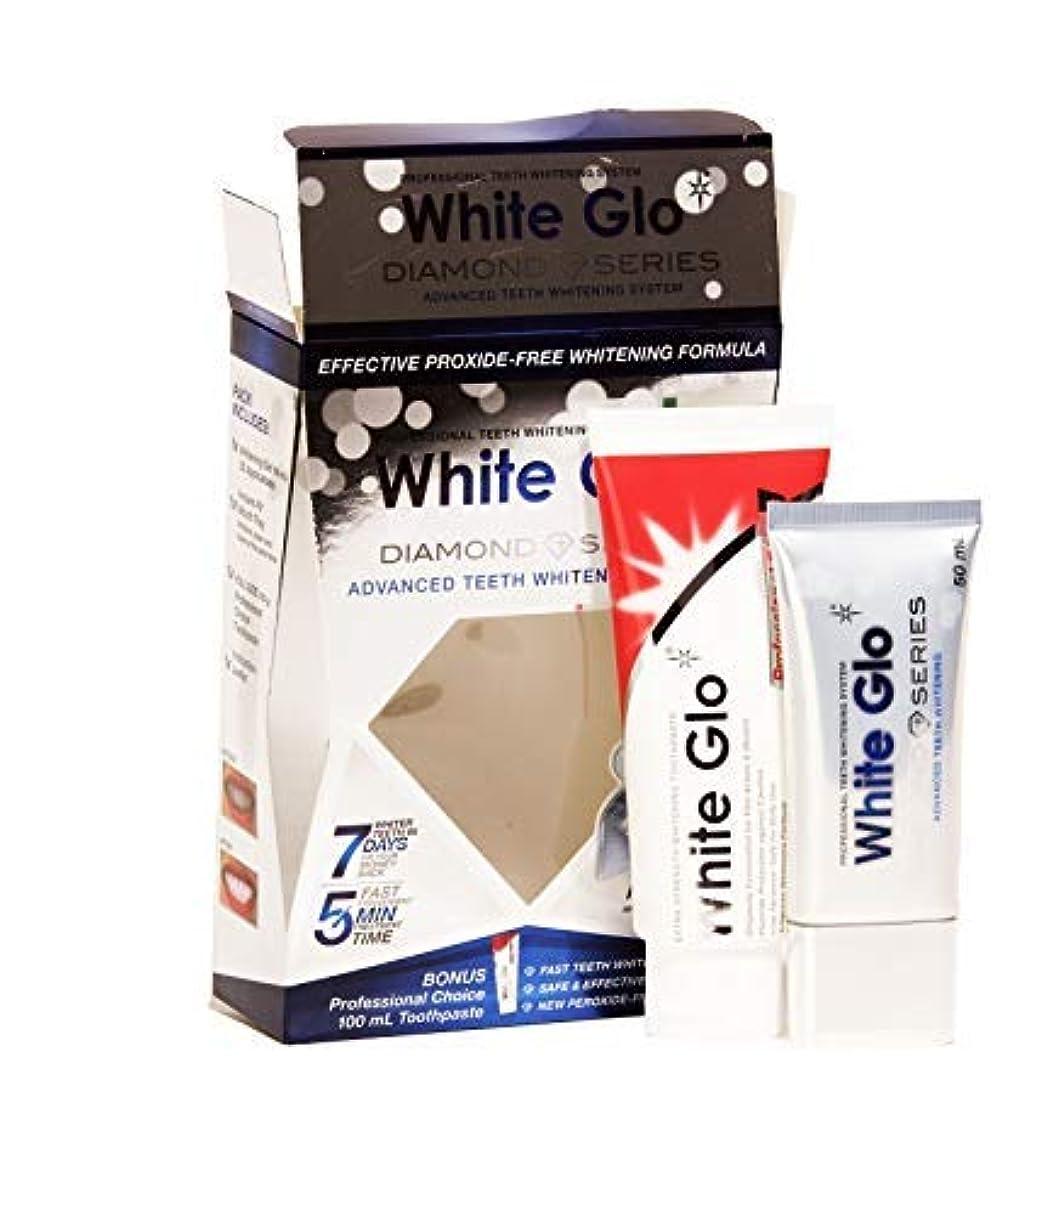 池過度に瞬時にTeeth Whitening Systems White Glo White Glo Diamond Series Bleaching Set Gel & Paste 50ml + 100ml Australia /...